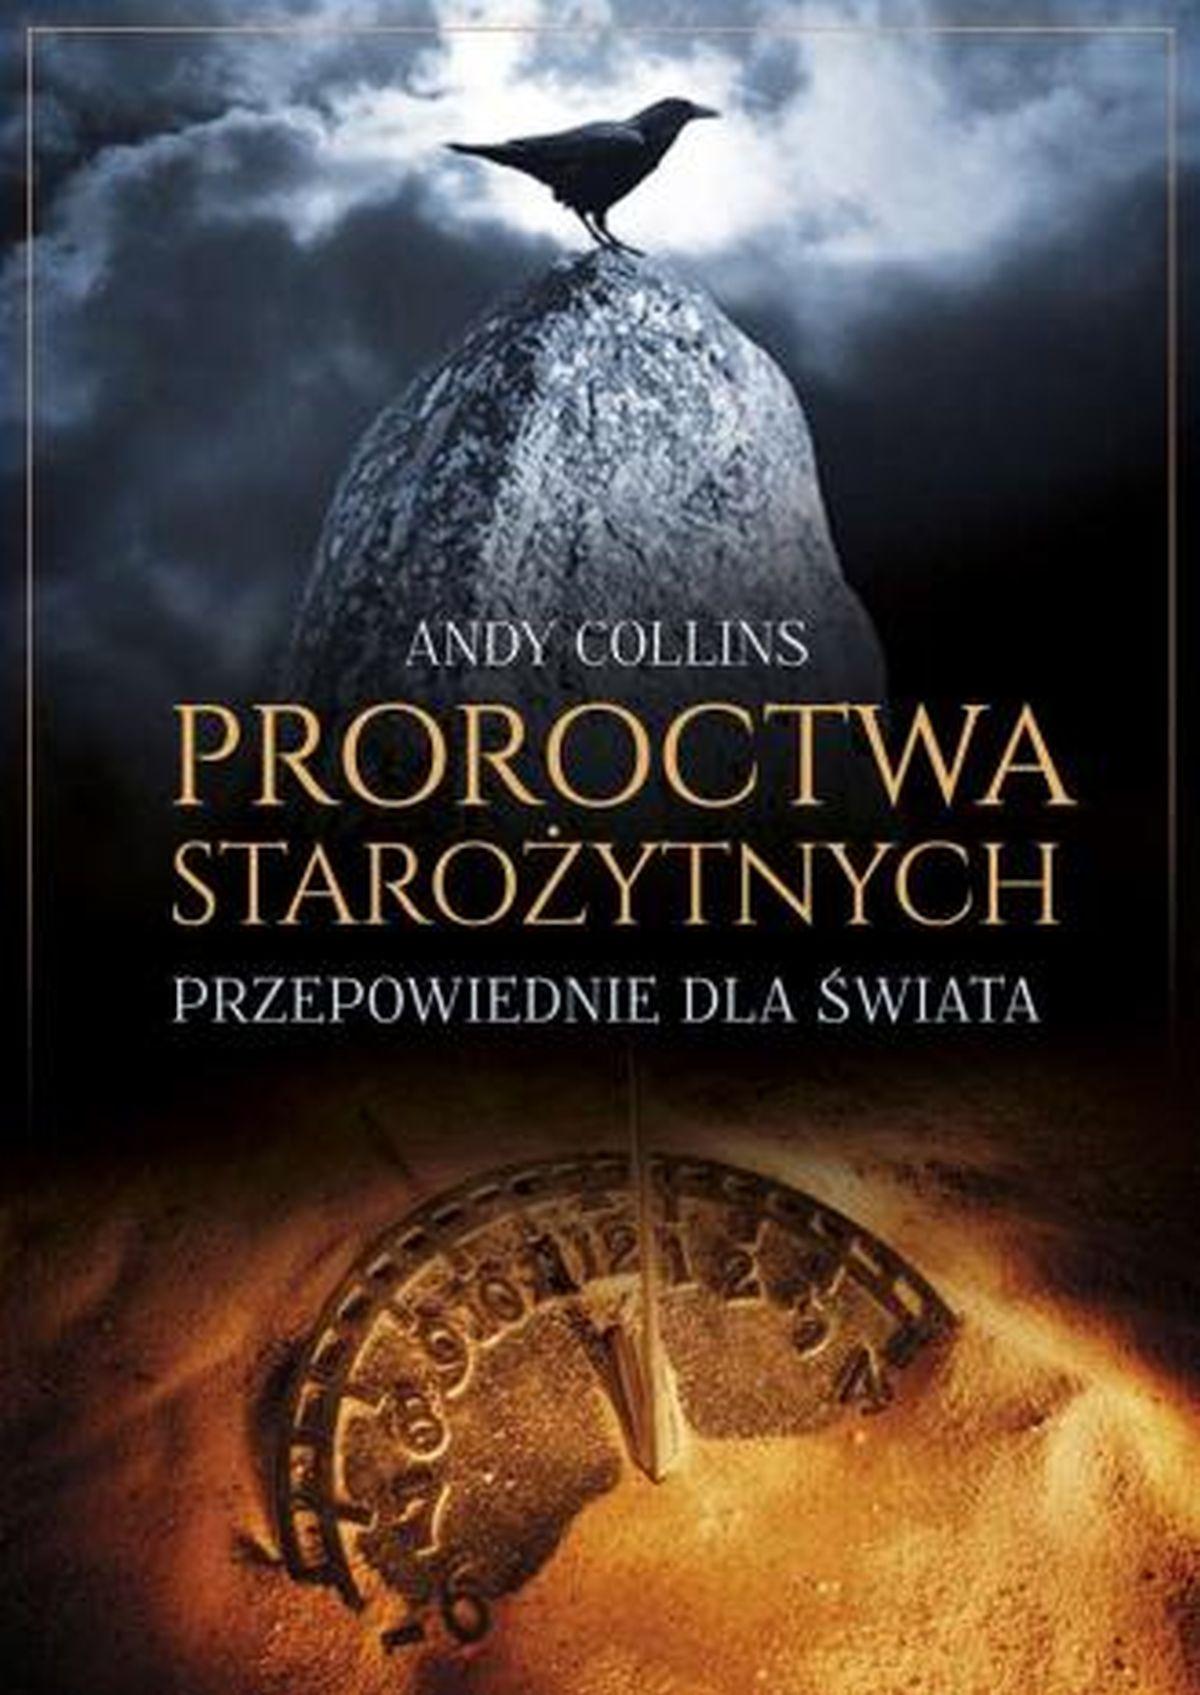 Proroctwa starożytnych. Przepowiednie dla świata